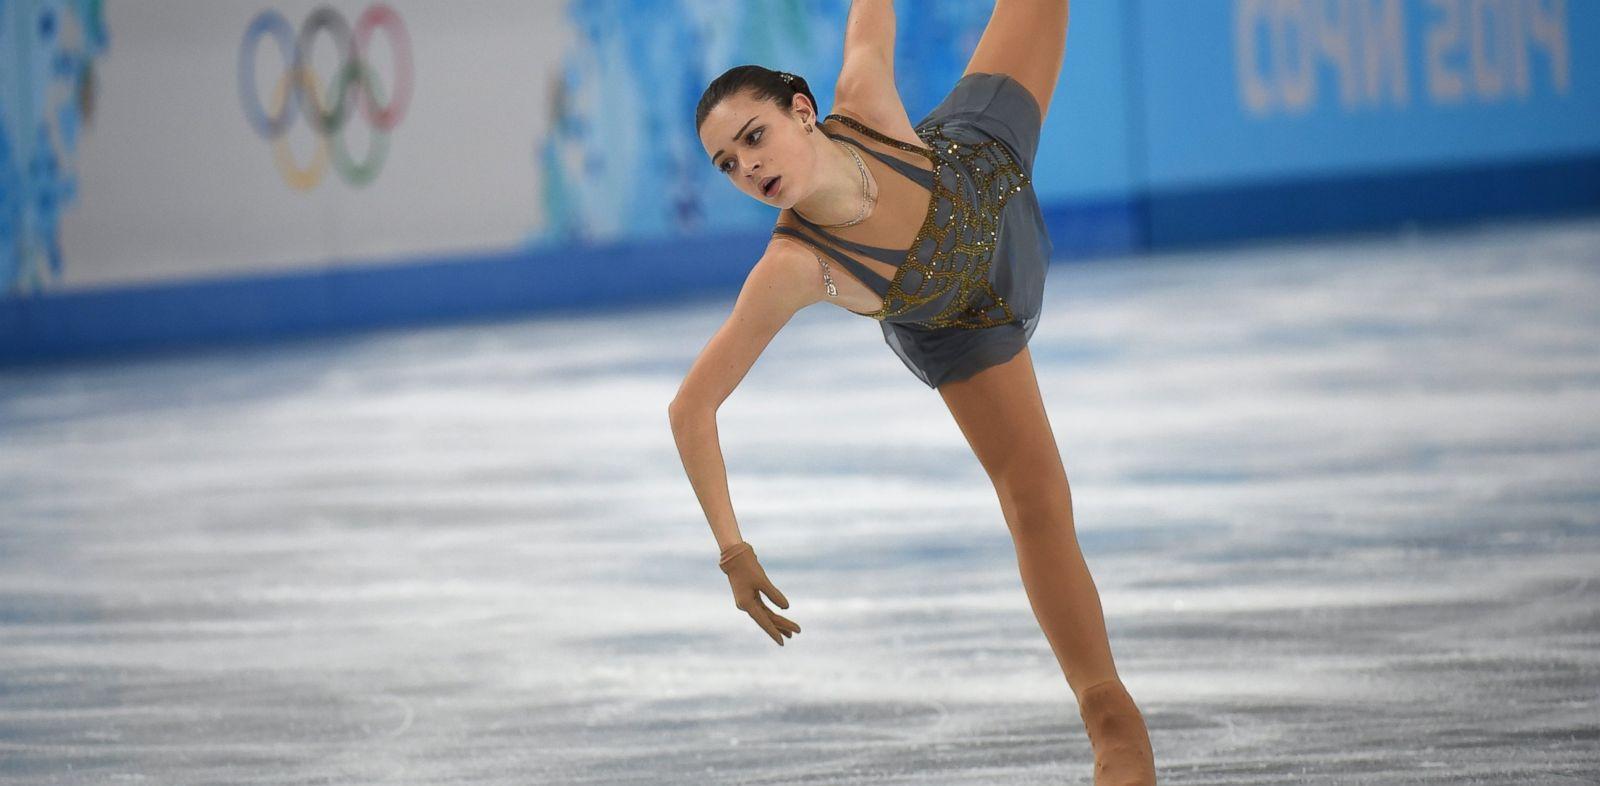 russian sochi skater